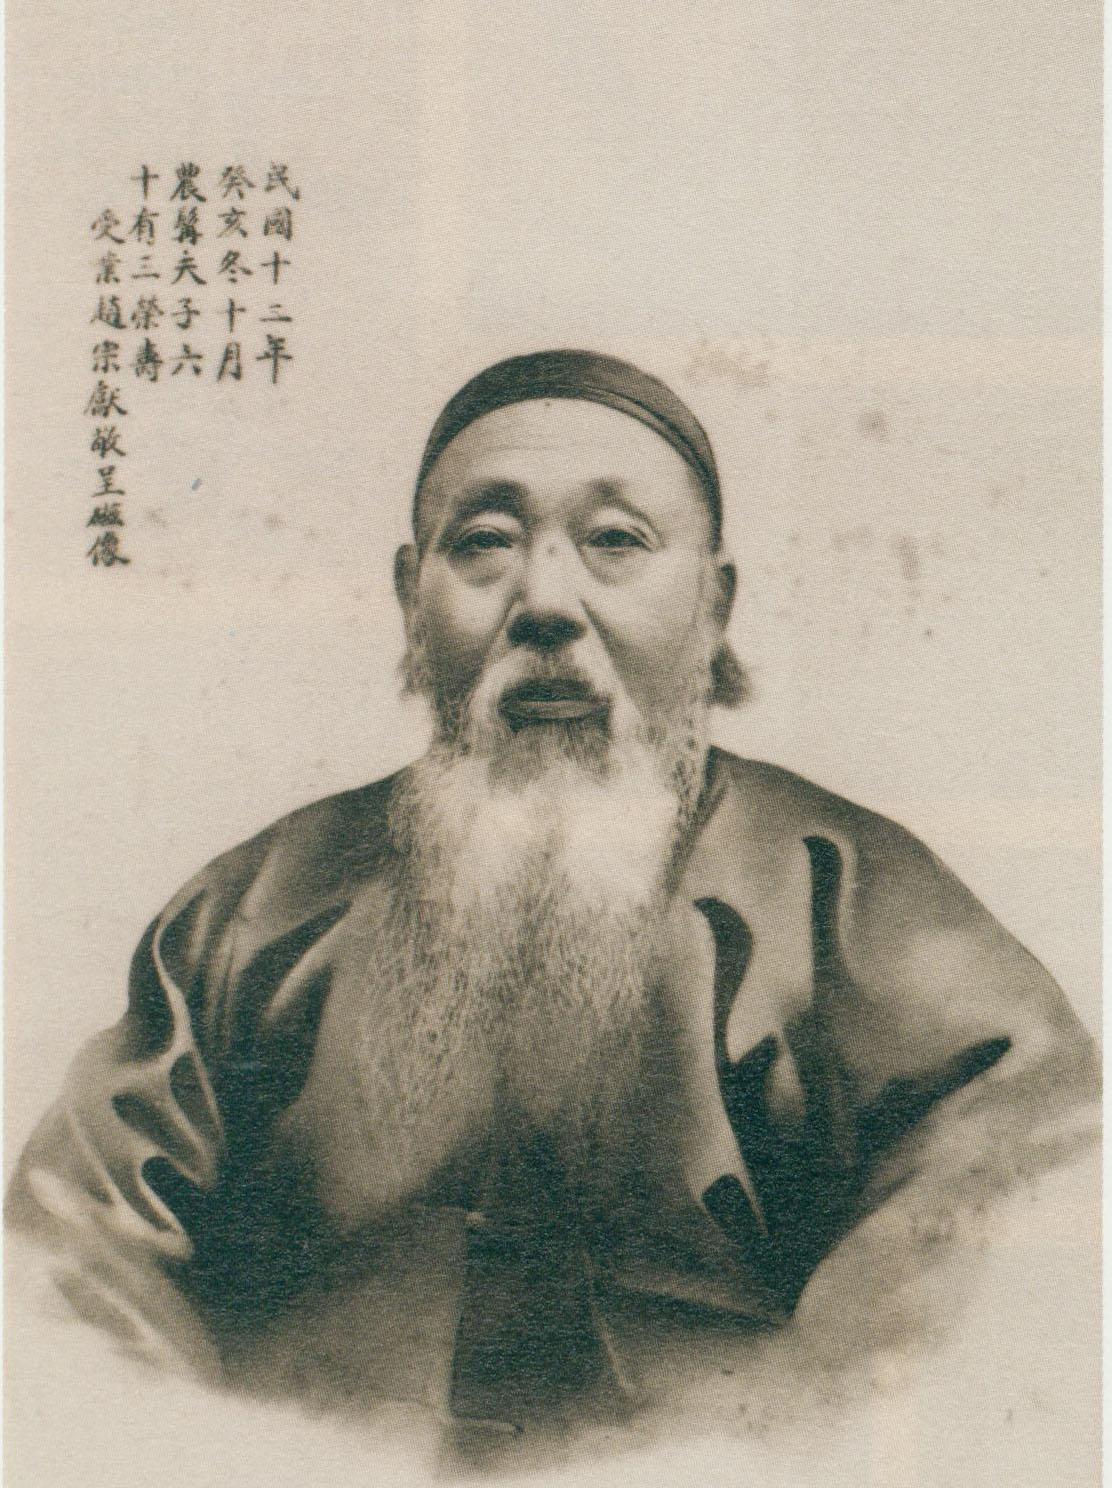 曾熙(1861-1930)